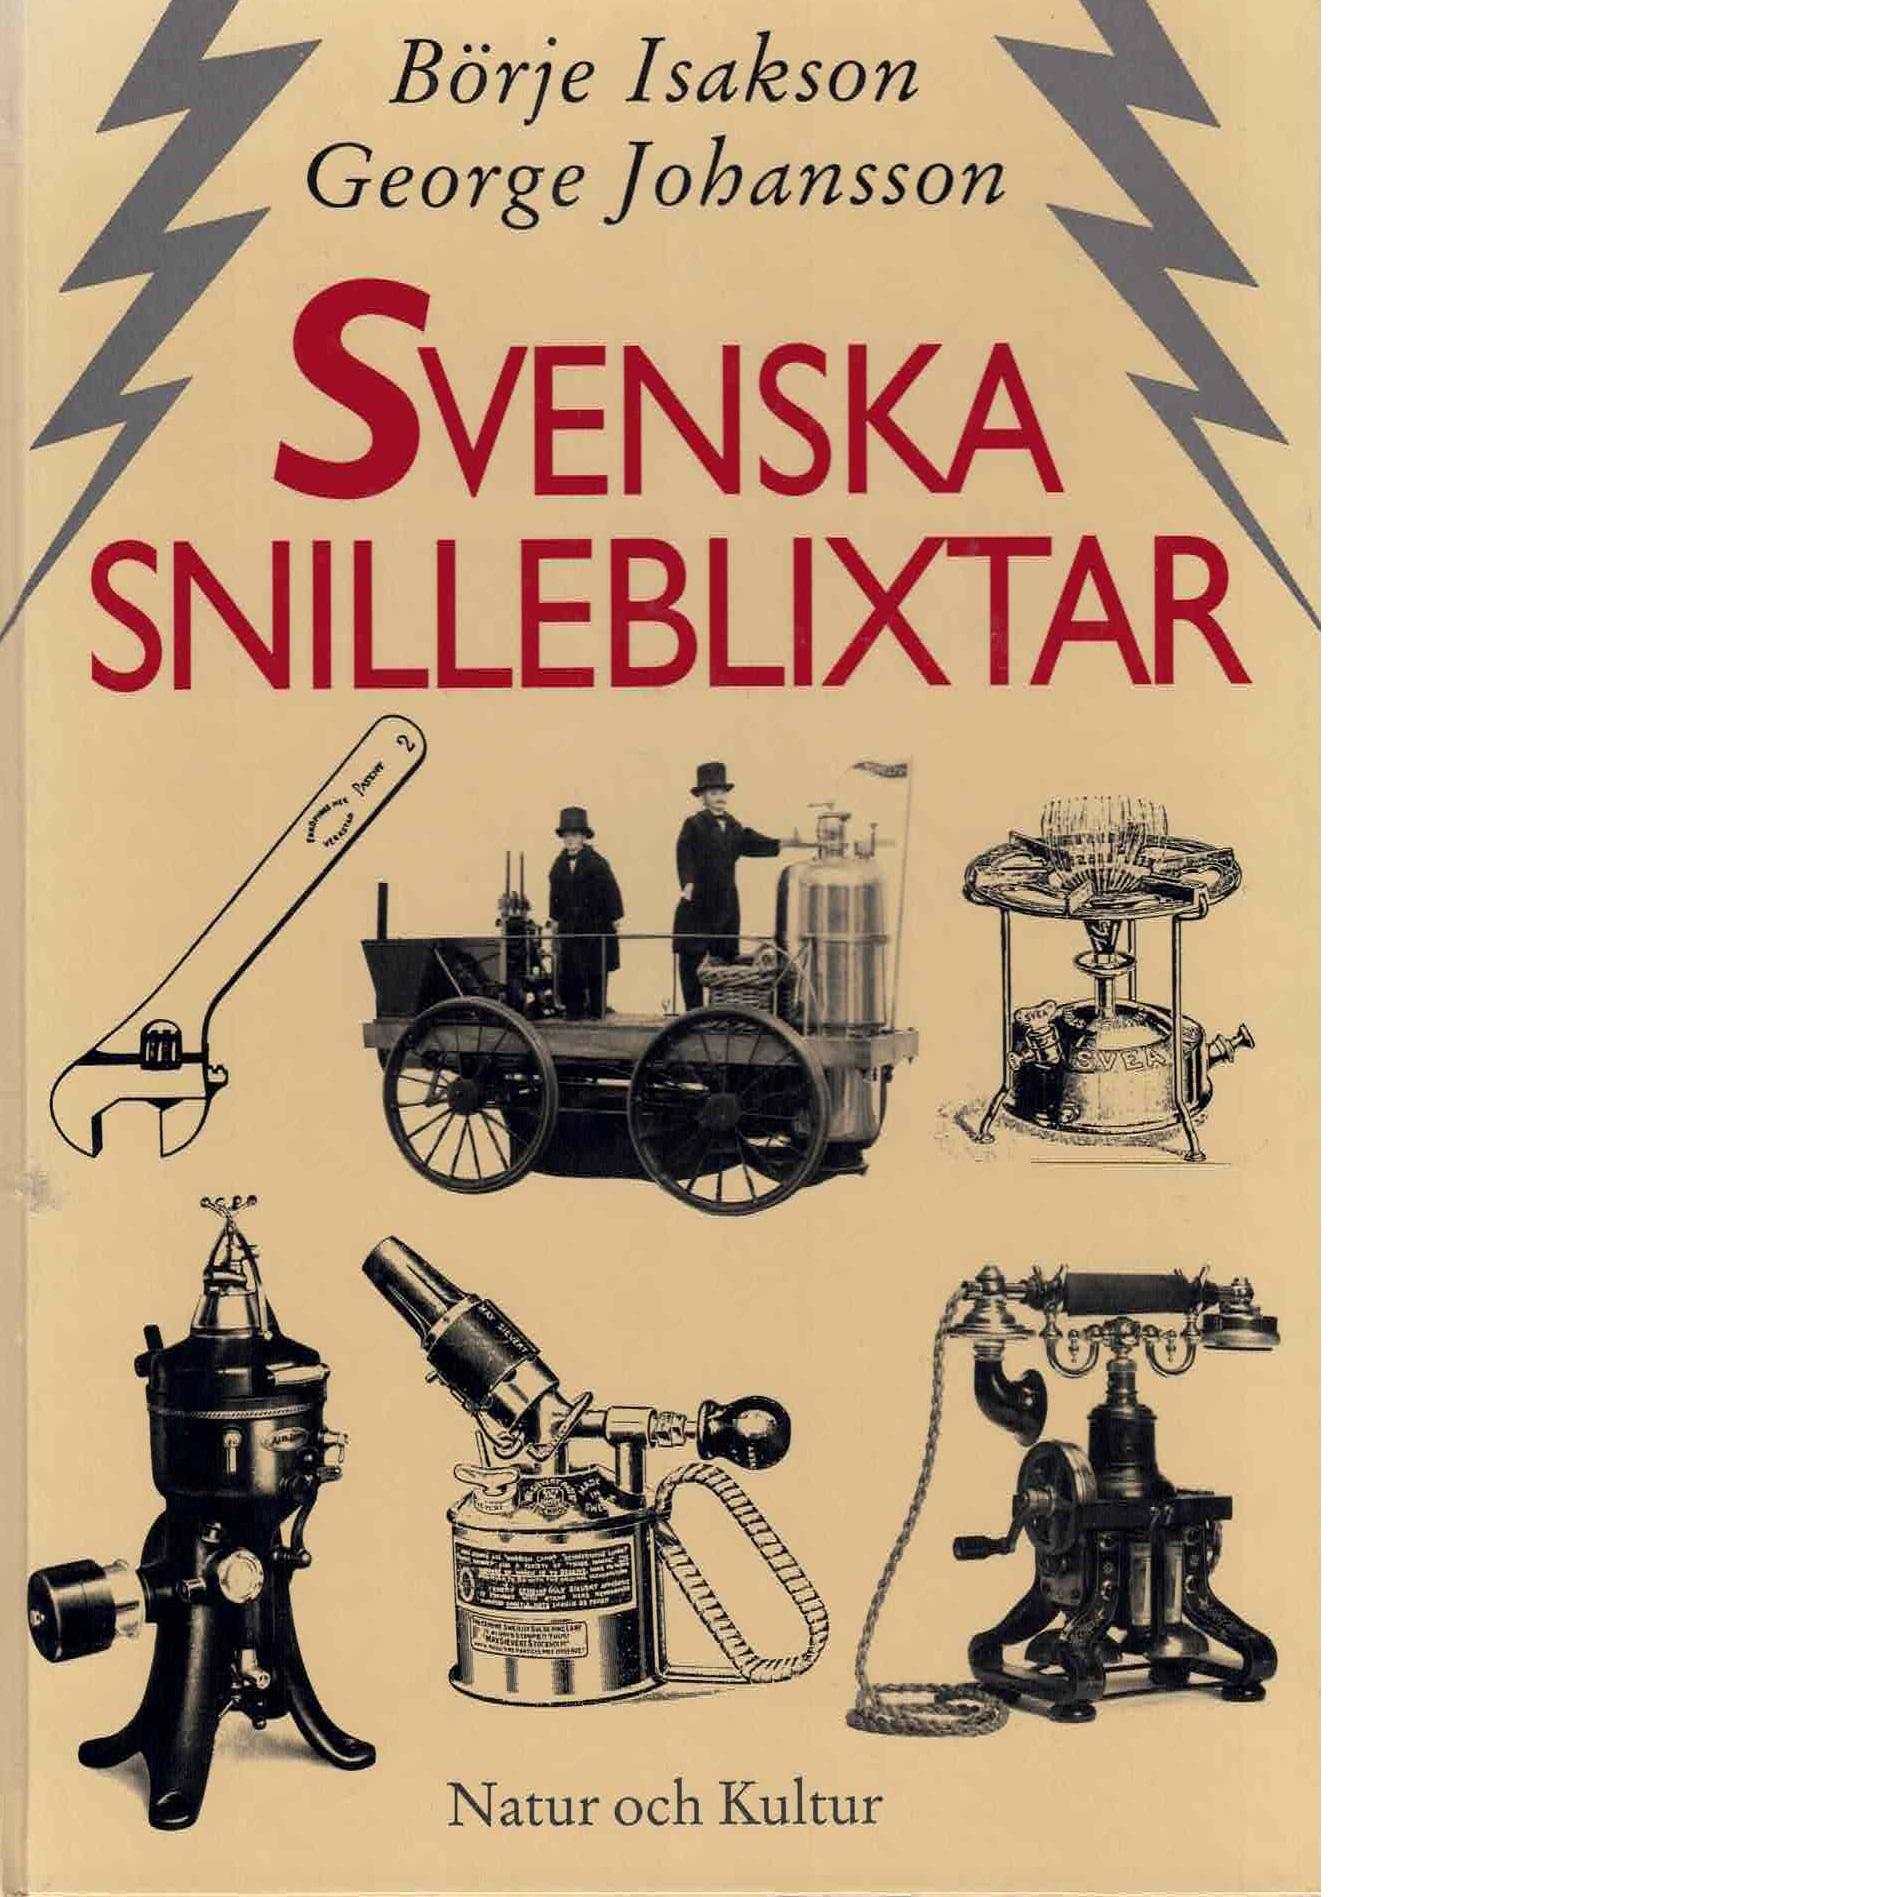 Svenska snilleblixtar [1] - Isakson, Börje och Johansson, George